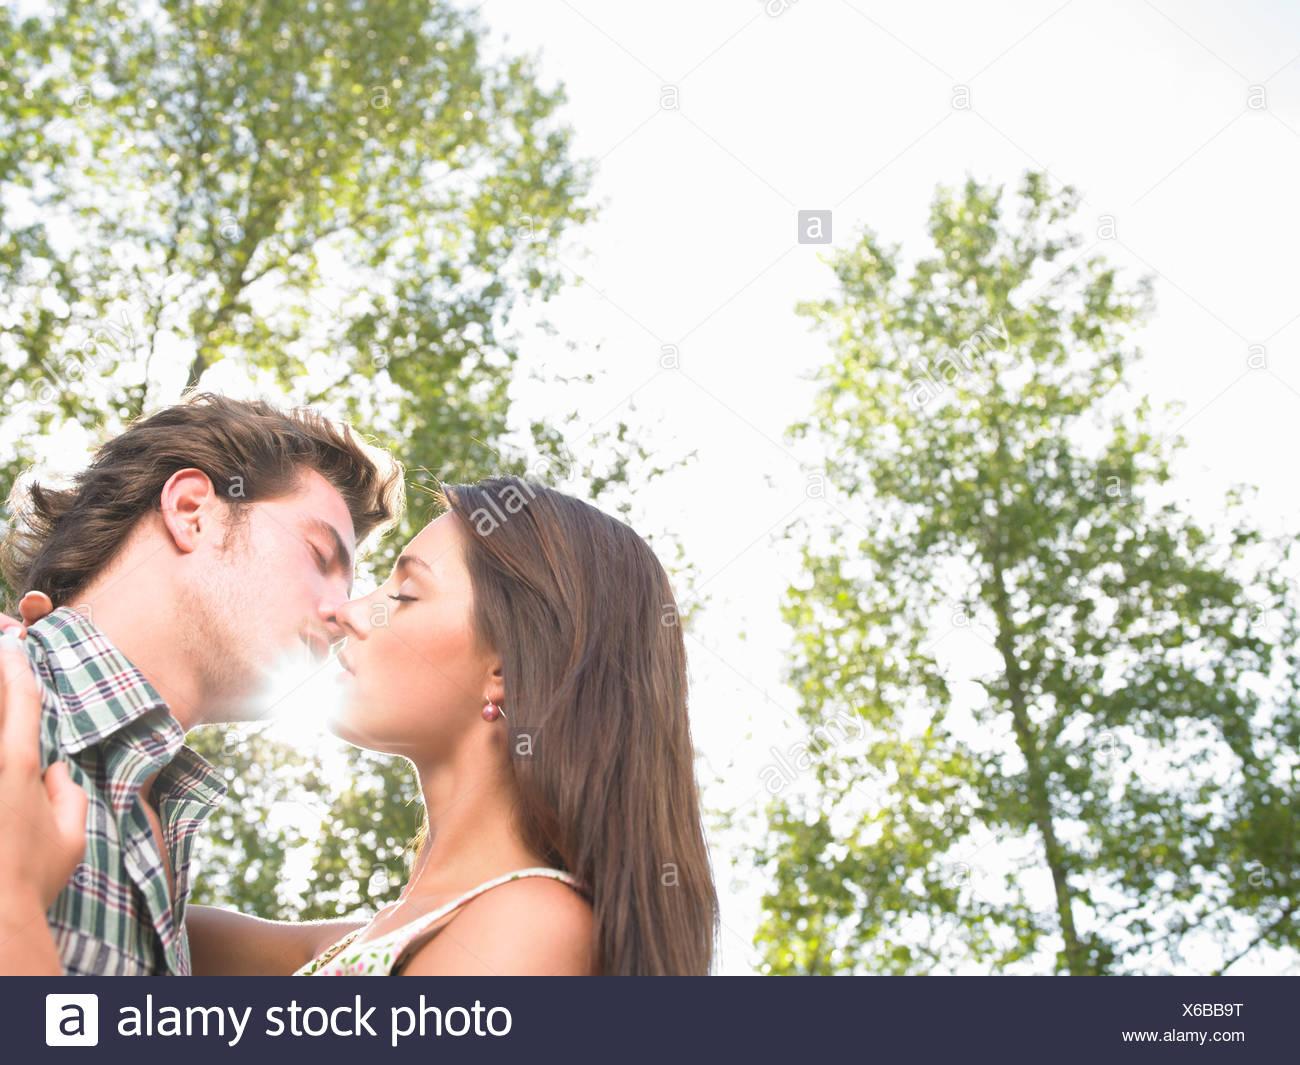 Pareja besándose bajo los árboles Imagen De Stock